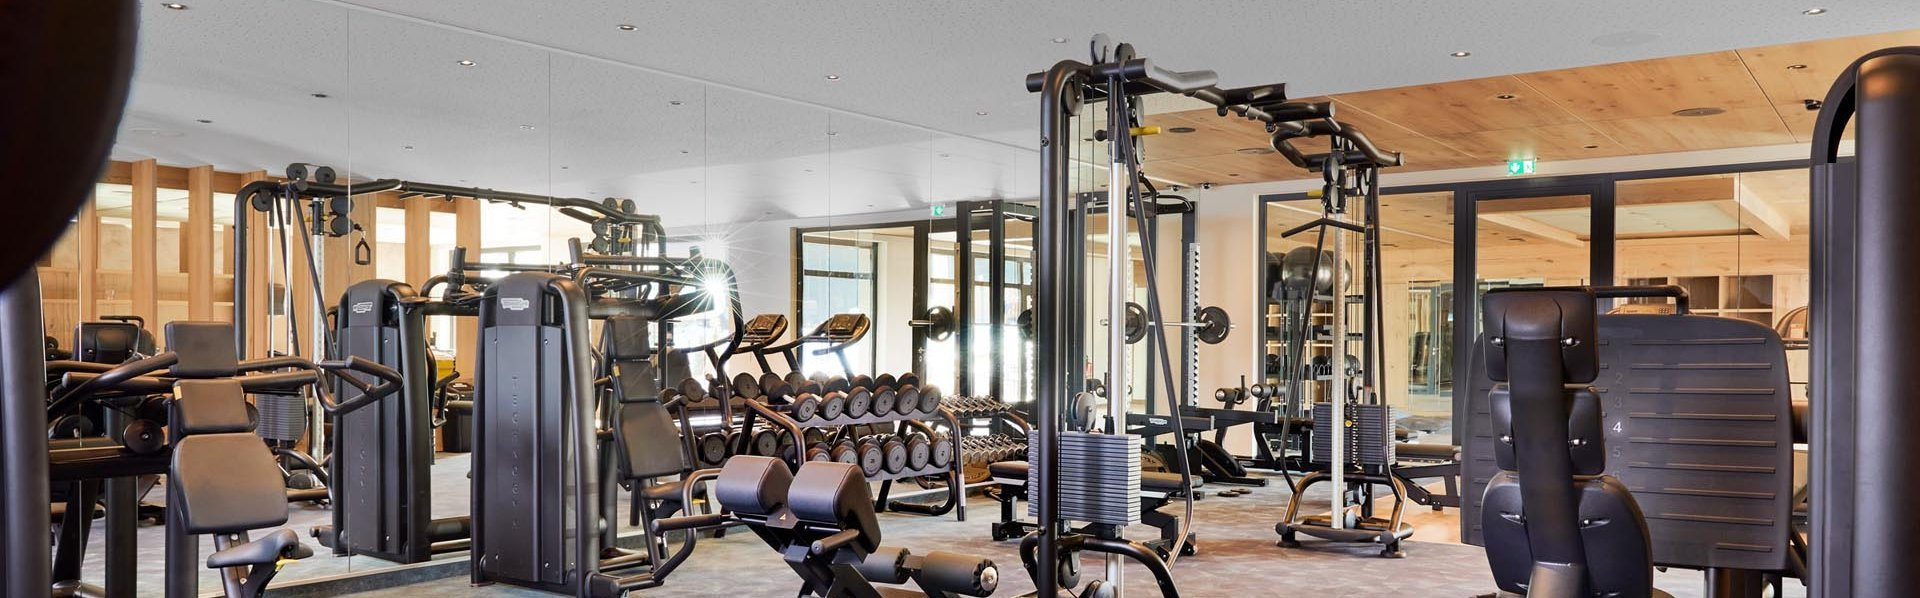 Fitnessraum mit Geräten